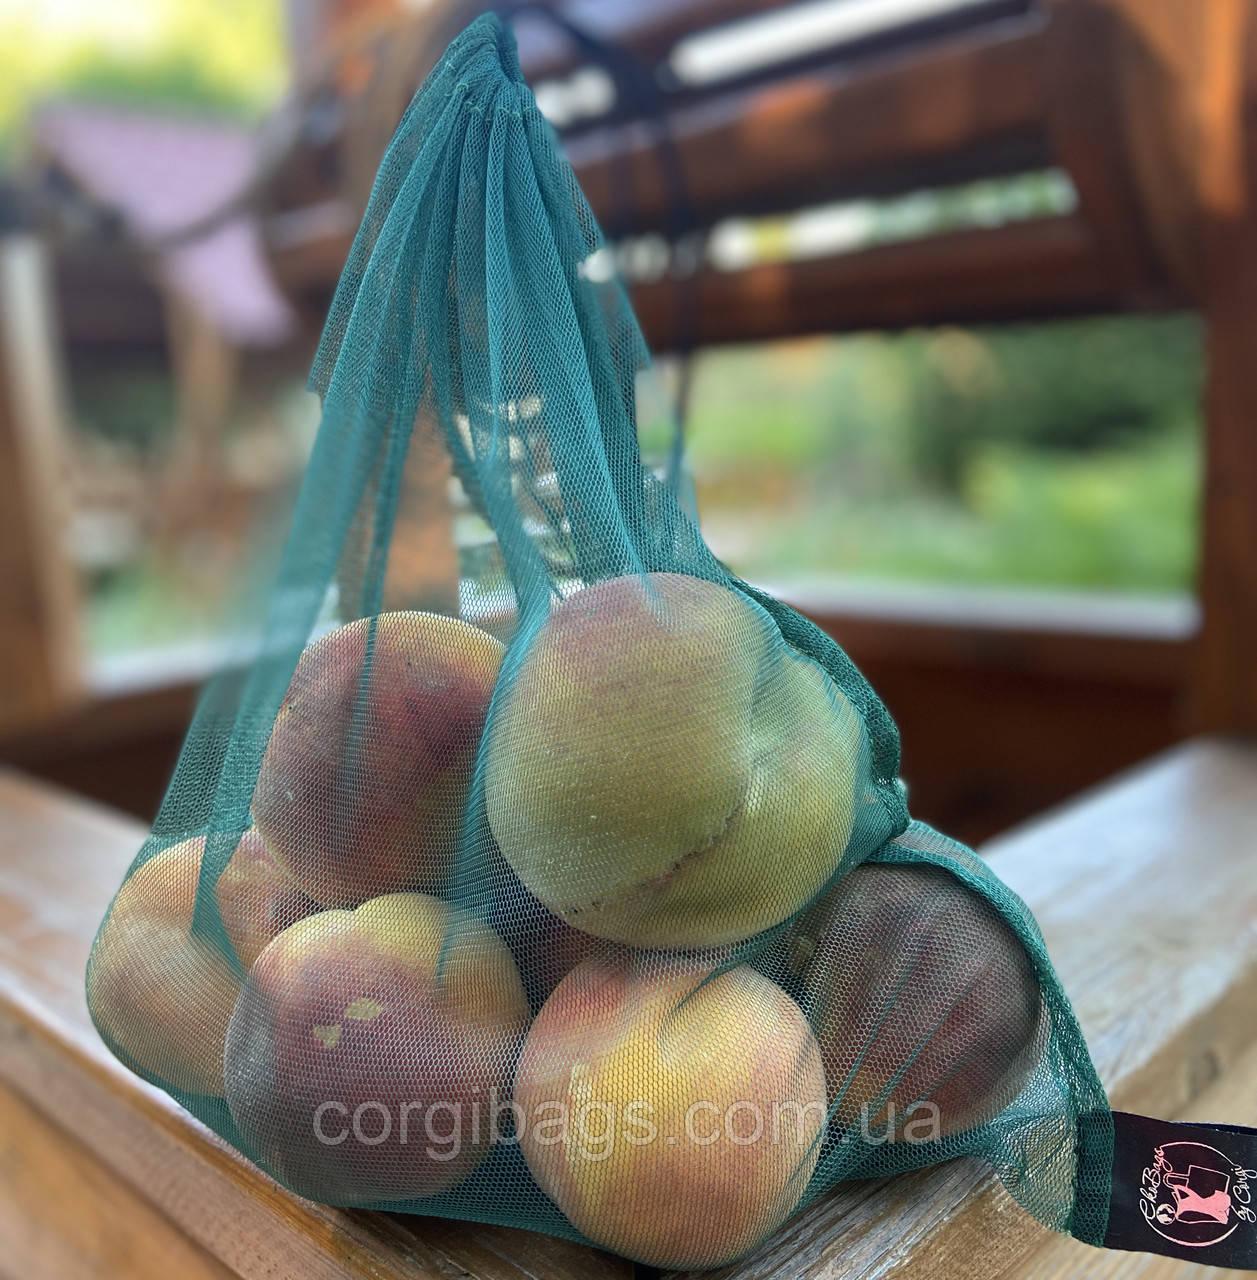 Многоразовые мешочки для продуктов из сетки, экомешочки для овощей, фруктовки, размер L(30X35), зелёный